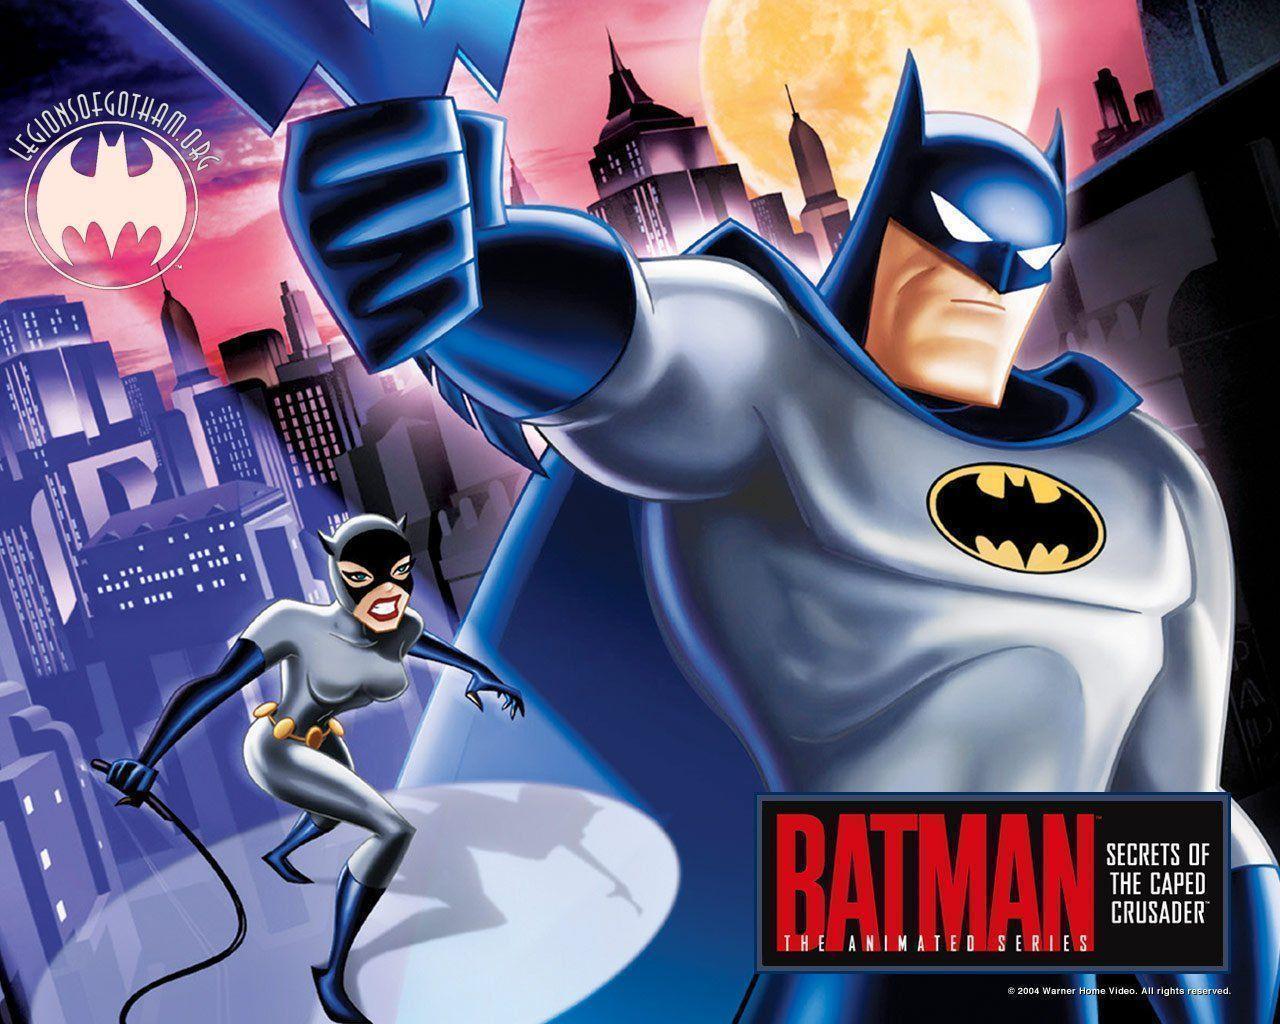 Batman cartoon wallpapers wallpaper cave - Batman wallpaper cartoon ...